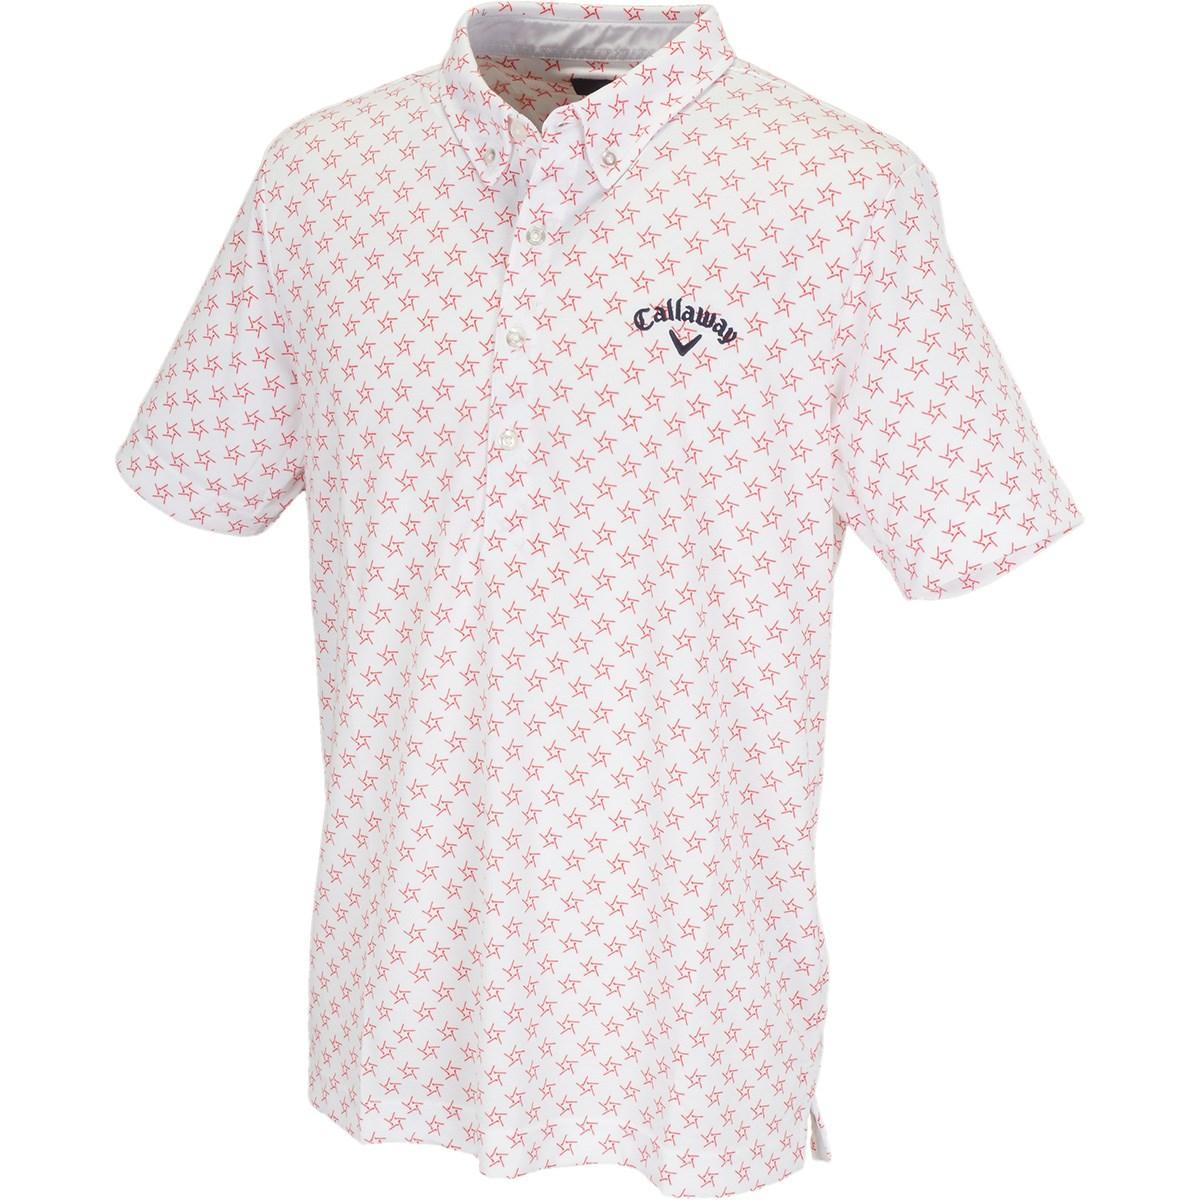 キャロウェイゴルフ(Callaway Golf) ボタンダウン 肌ドライPPクラブスター カラー半袖ポロシャツ